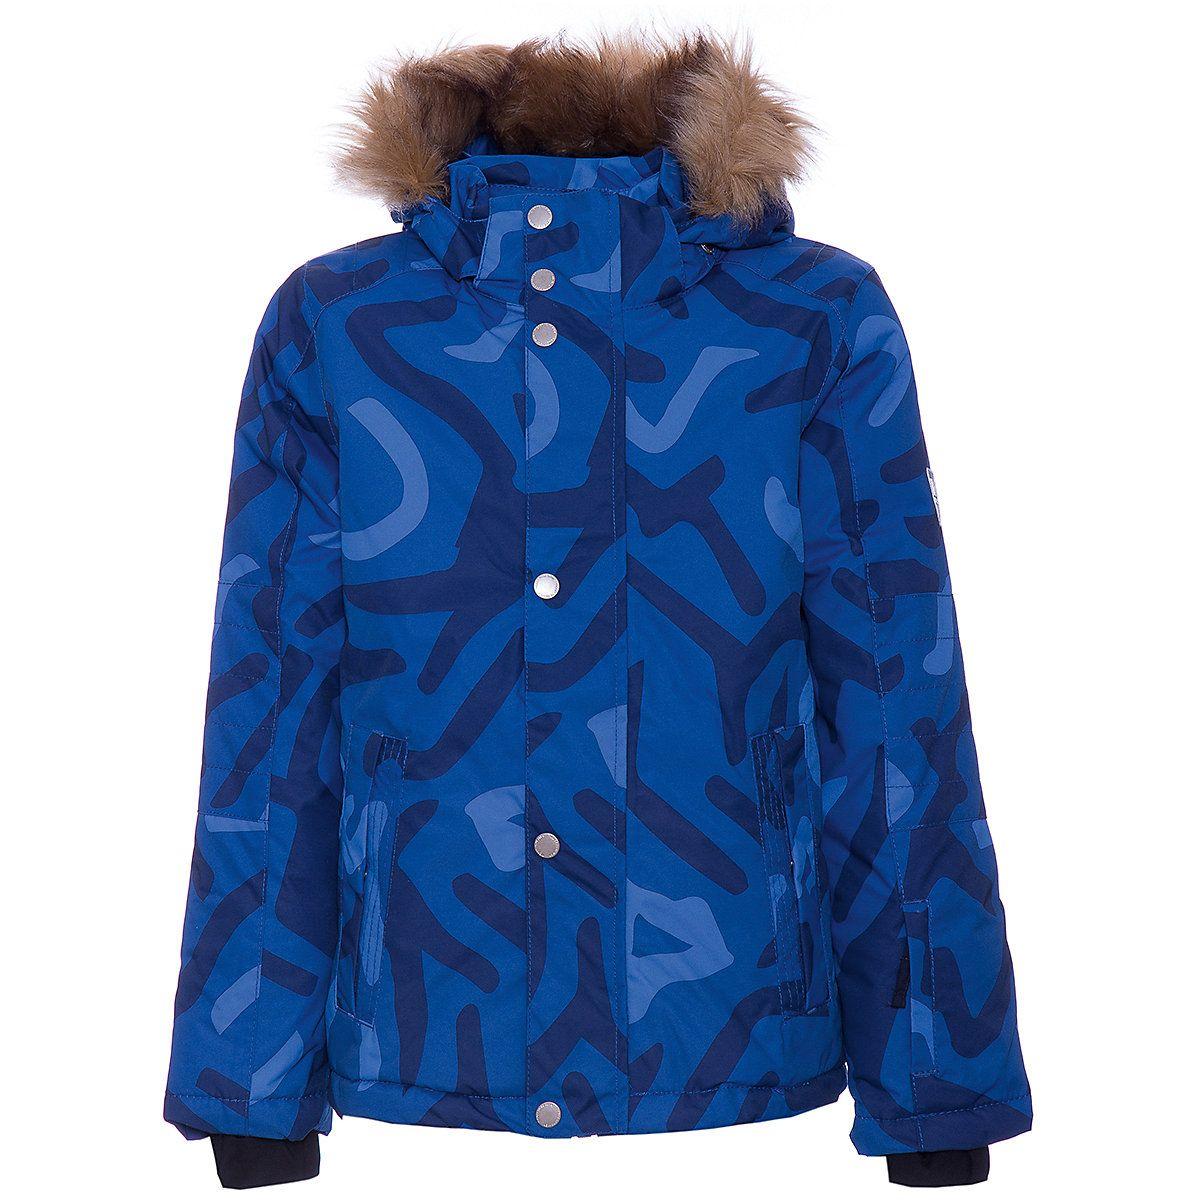 Jacken & Mäntel TICKET ZU HIMMEL für jungen 8954344 Jacke Mantel Denim Strickjacke Warme Kinder kleidung Kinder